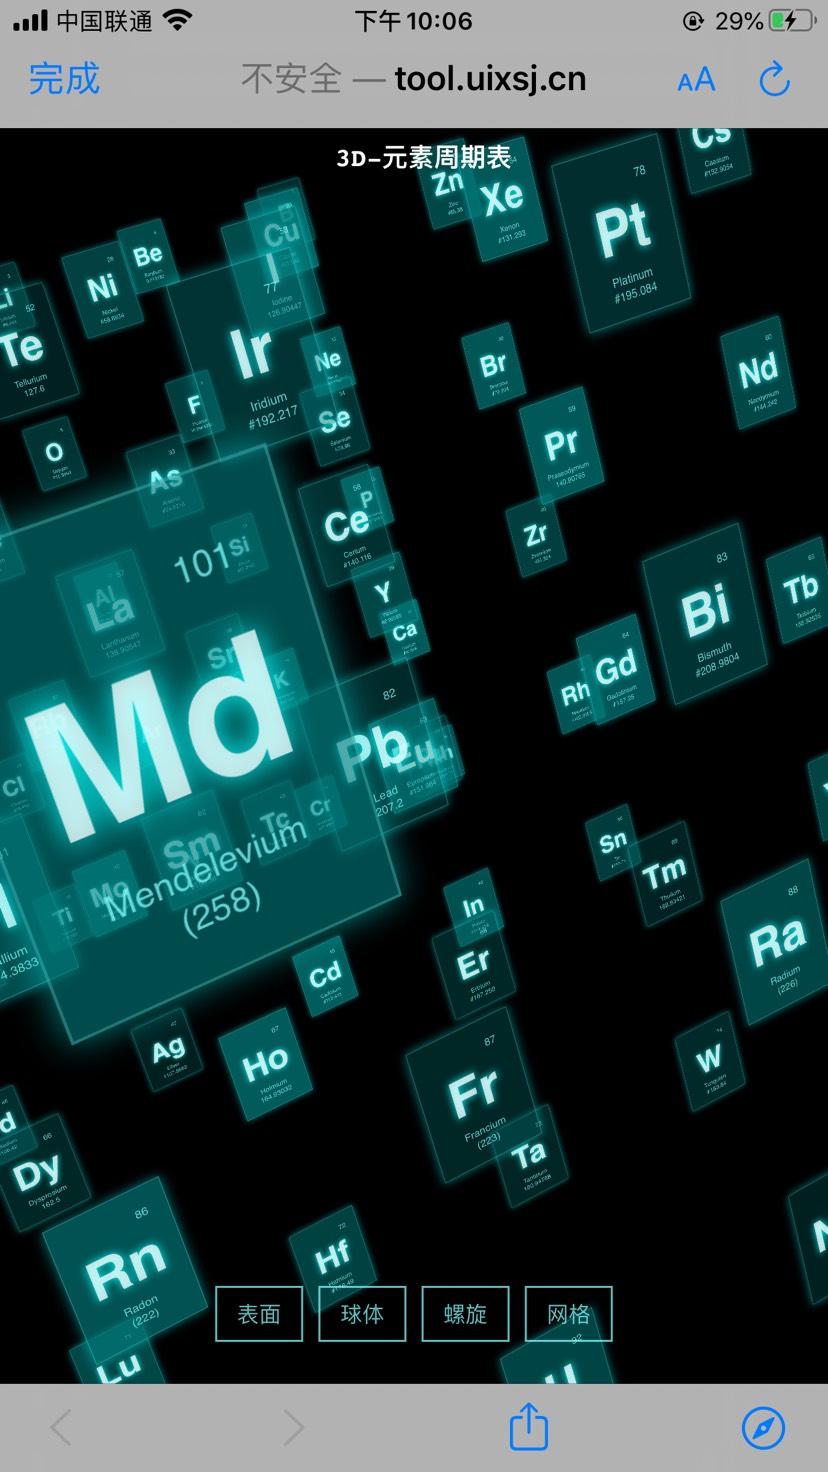 【IOS快捷指令】化学元素3D科幻周期表,学生群体的学习利器